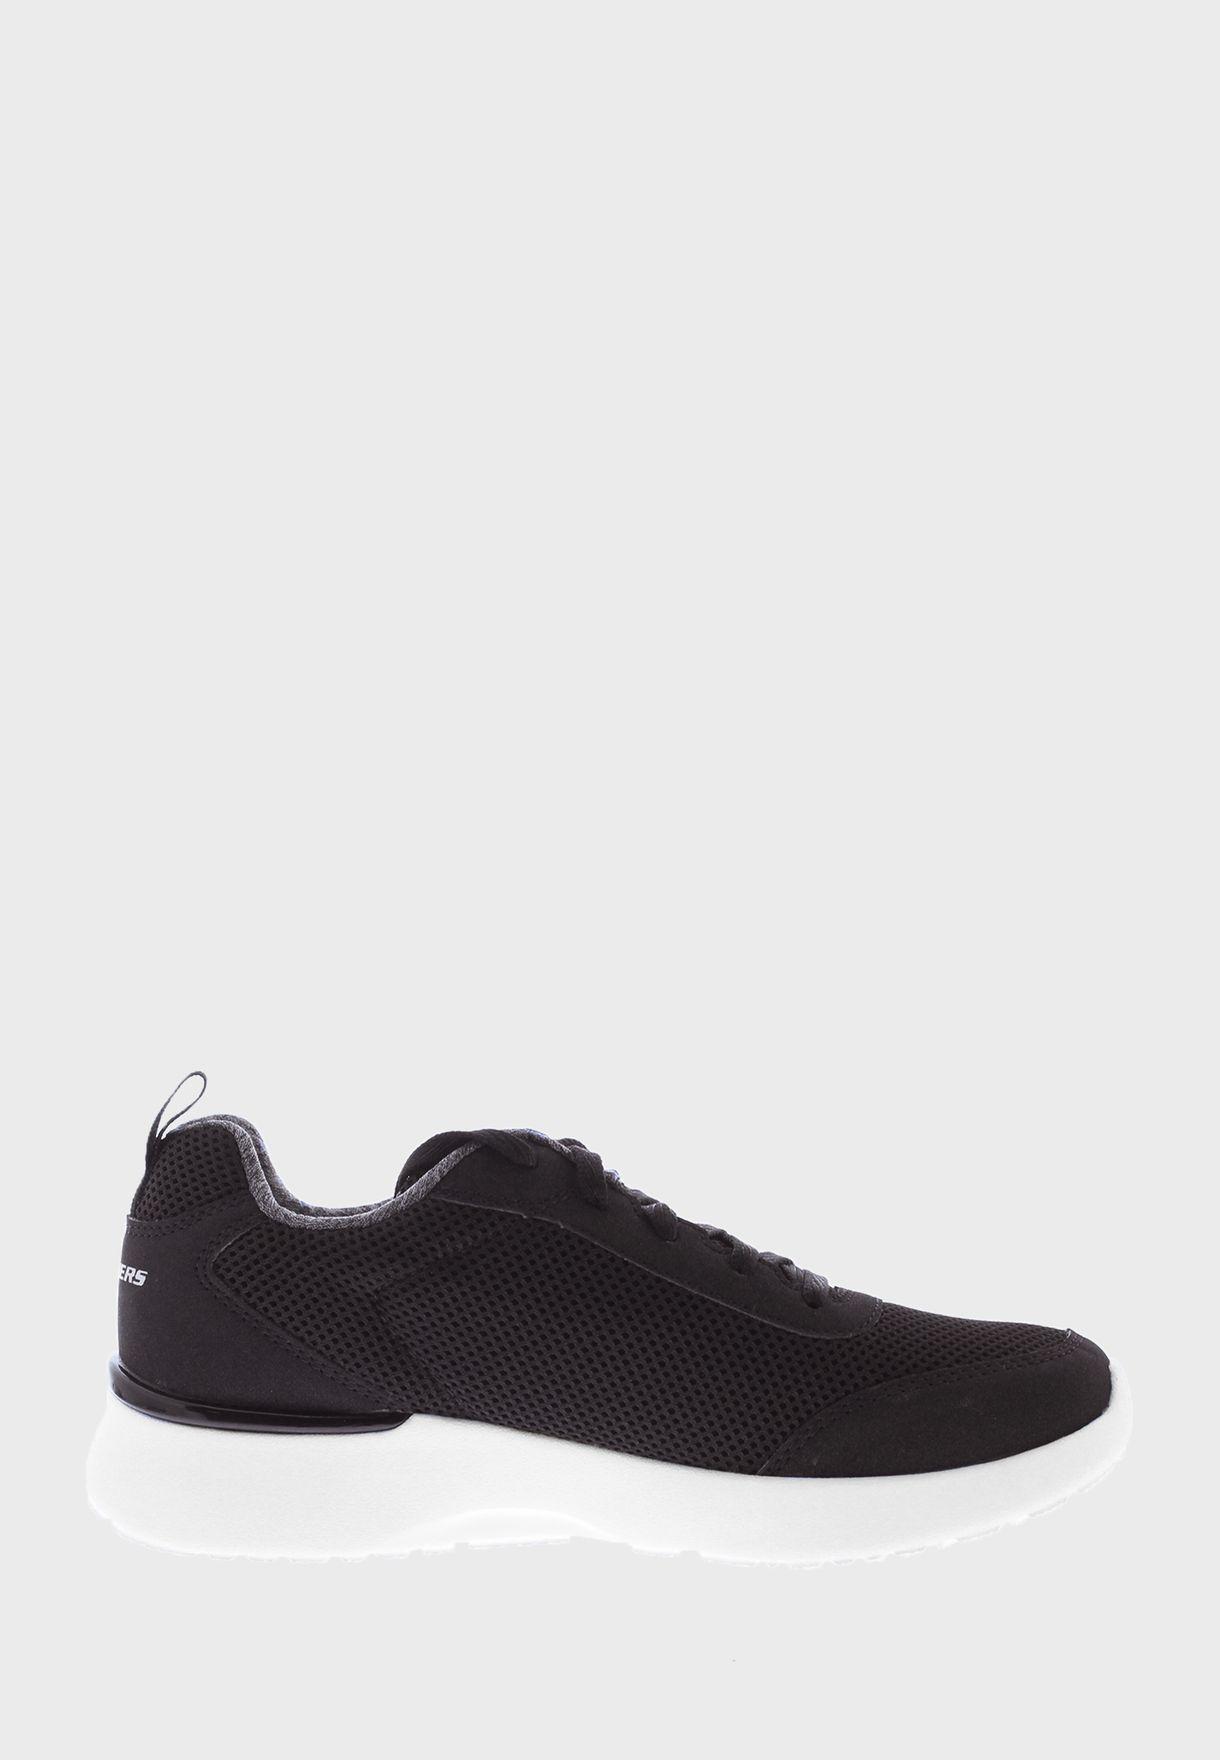 حذاء سبورتس